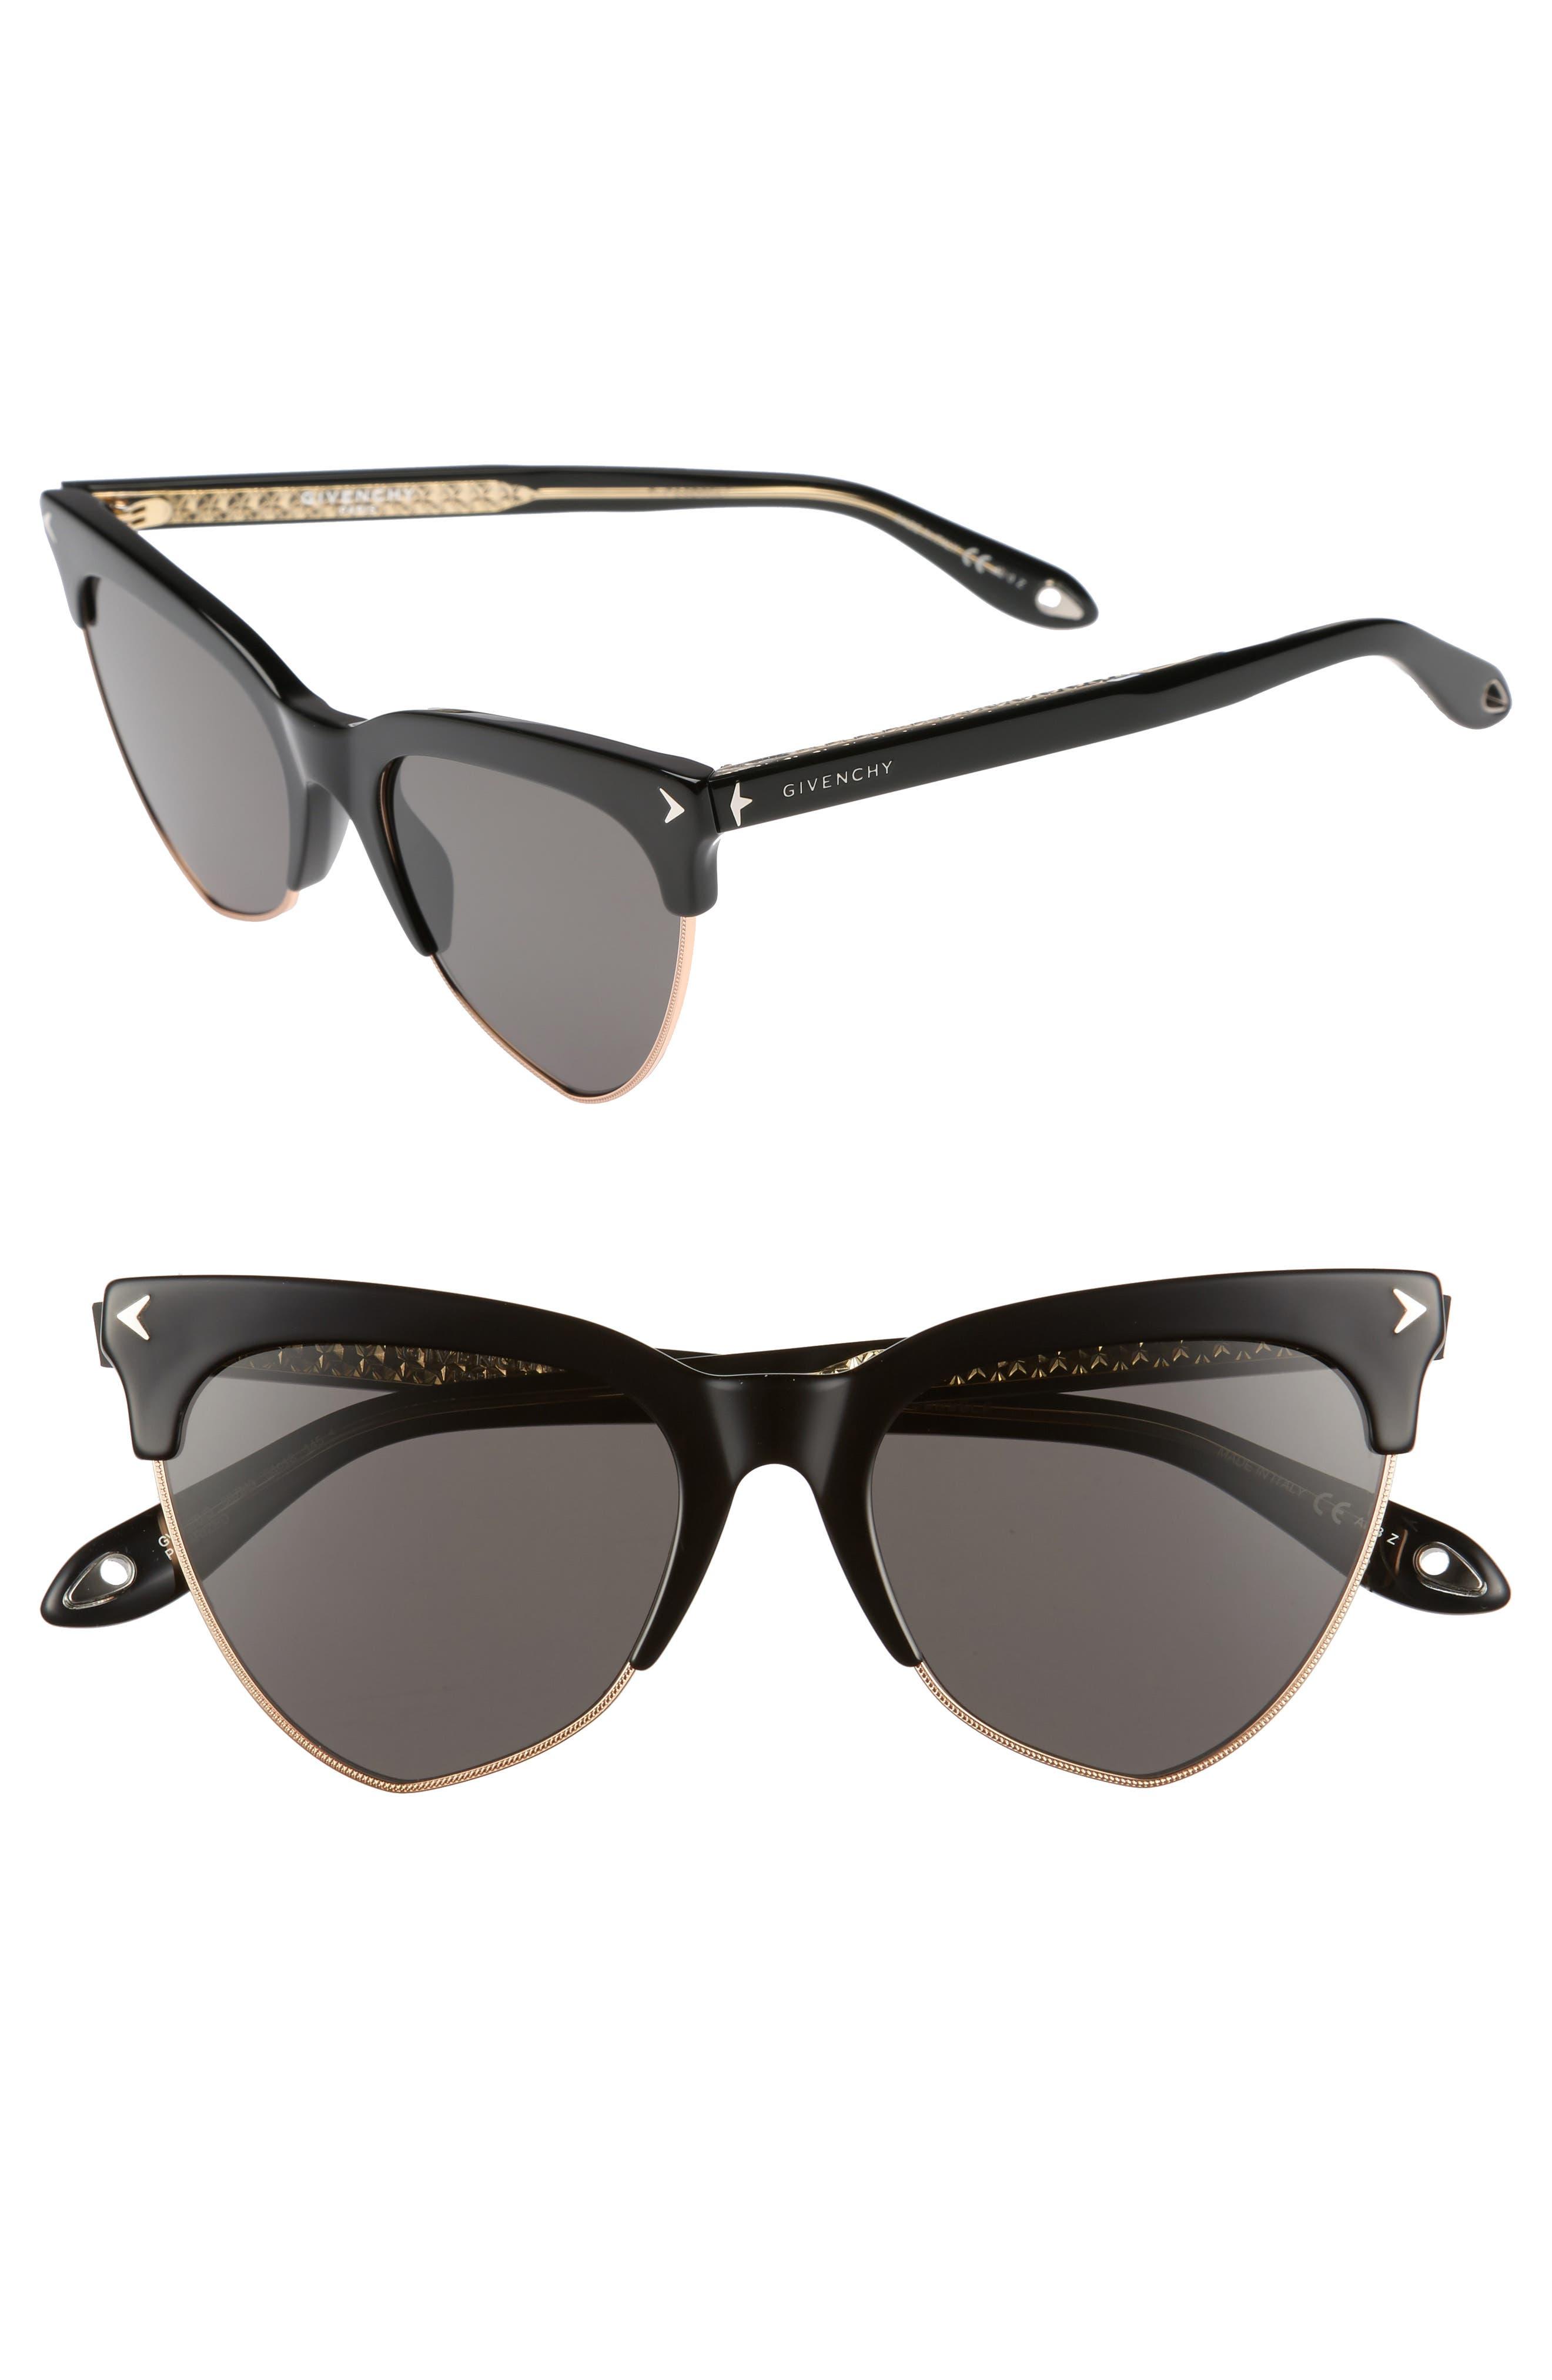 Main Image - Givenchy 54mm Polarized Cat Eye Sunglasses